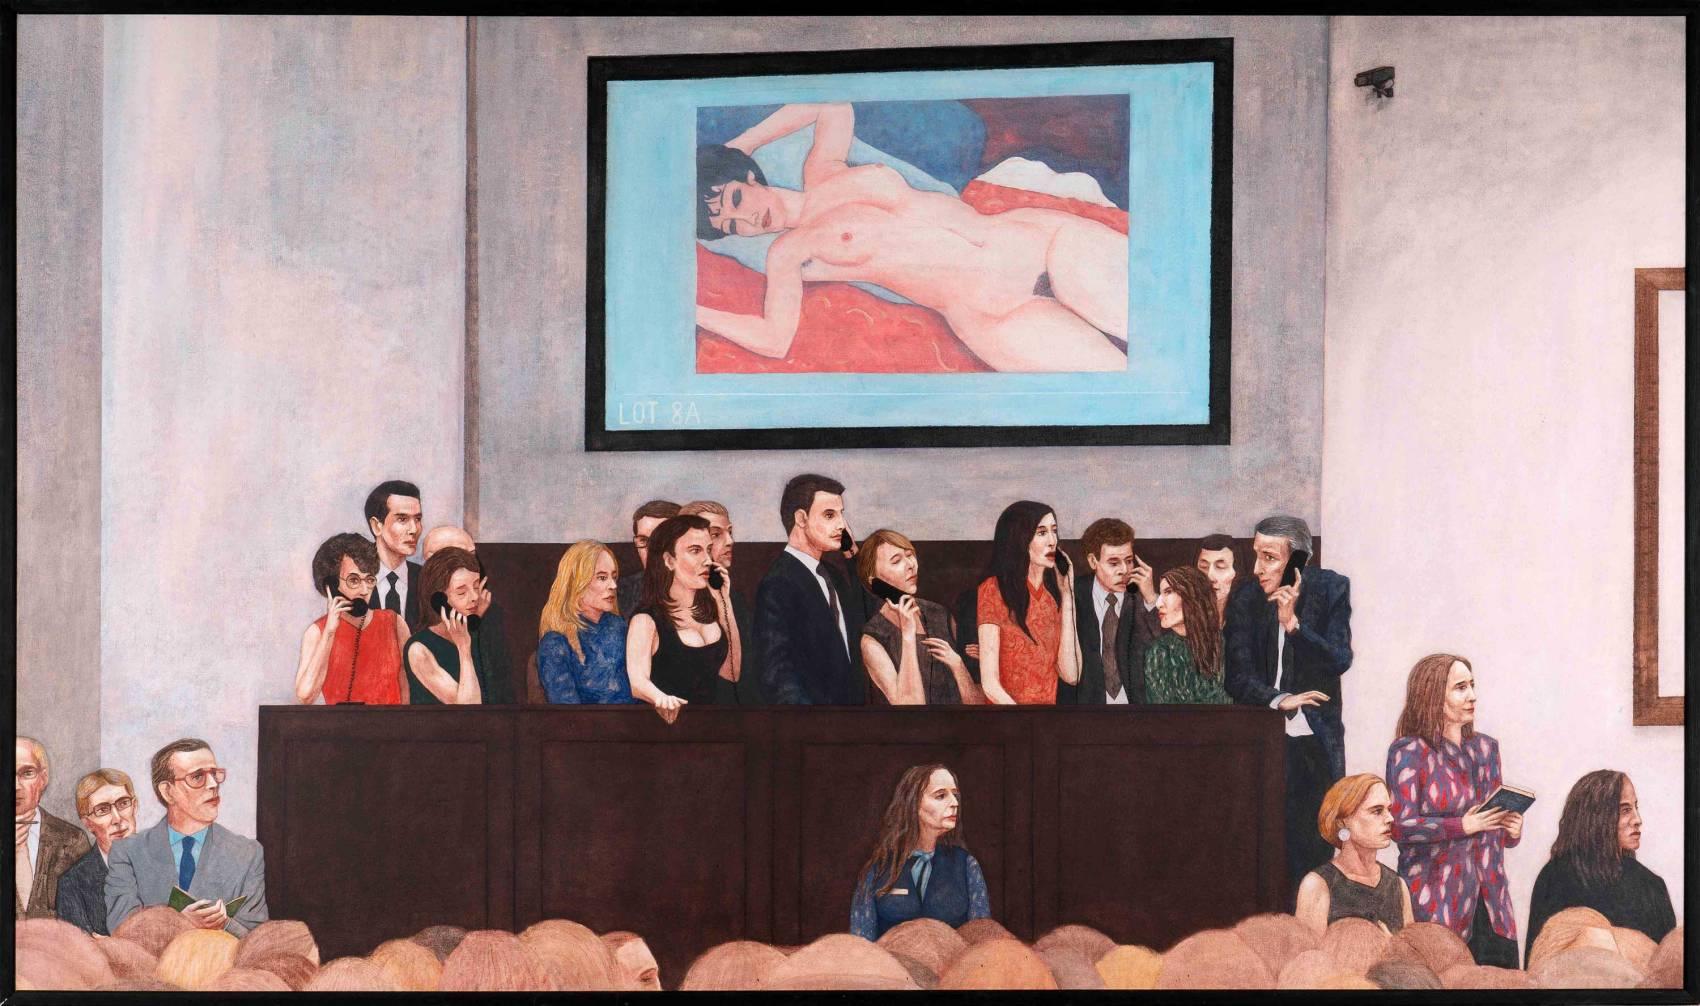 Sothebys oder so, 2017-2018. Pastell und Acryl auf Leinwand. 110 x 185 cm. Privatbesitz. Foto: Phillip Hiersemann